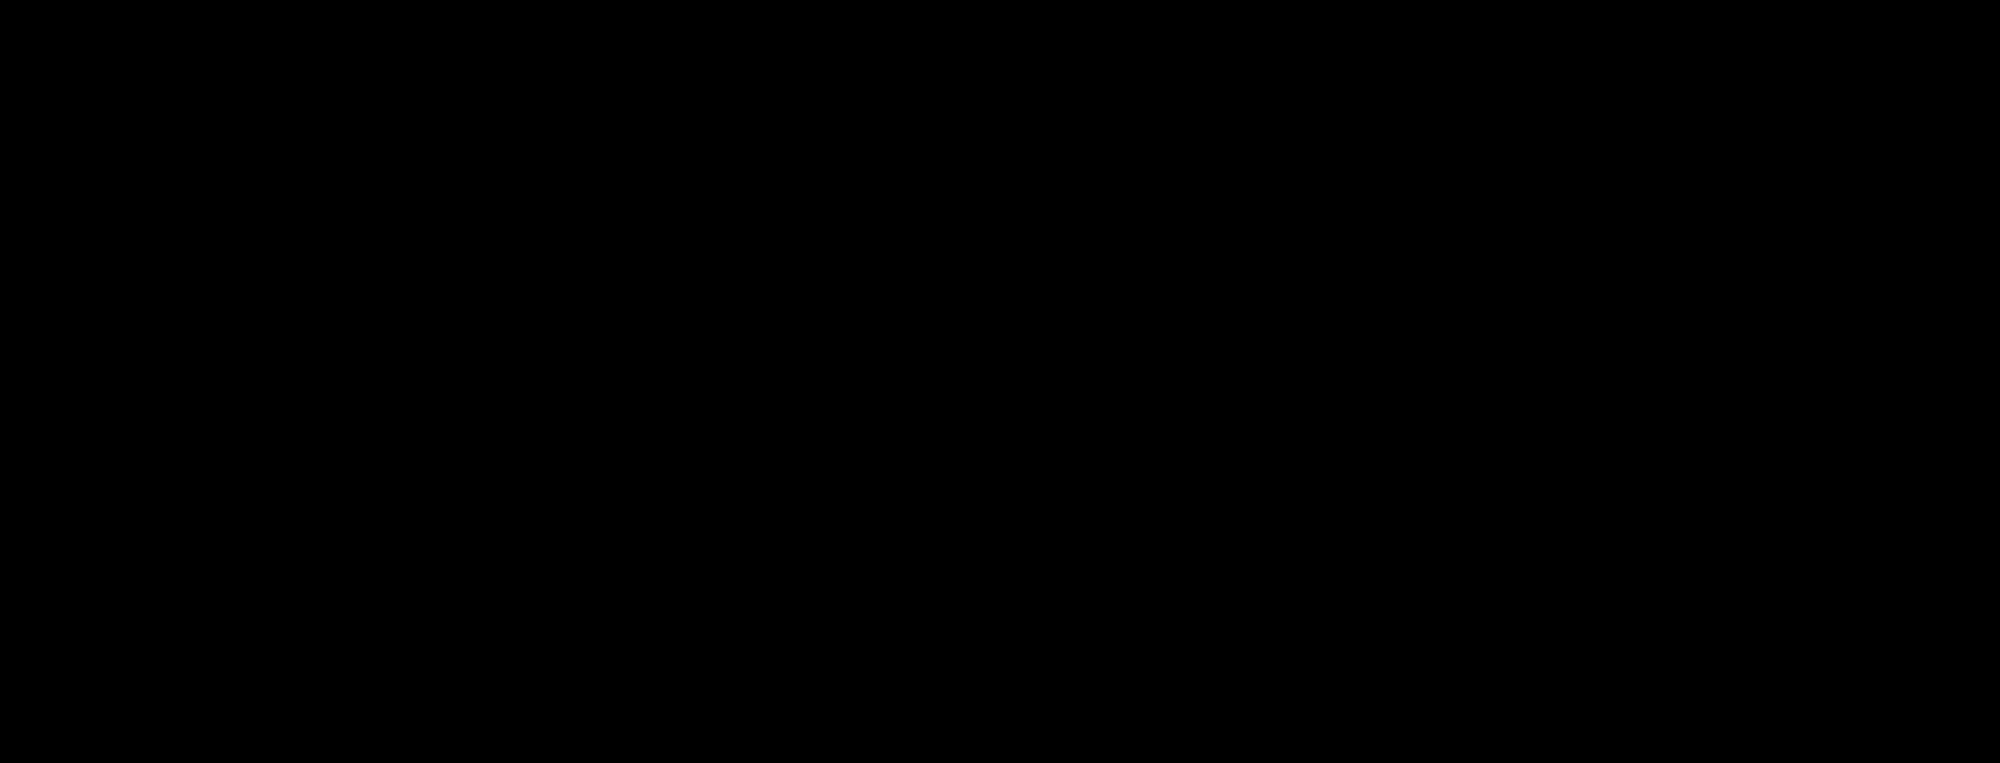 yara imani-logo sbs.png